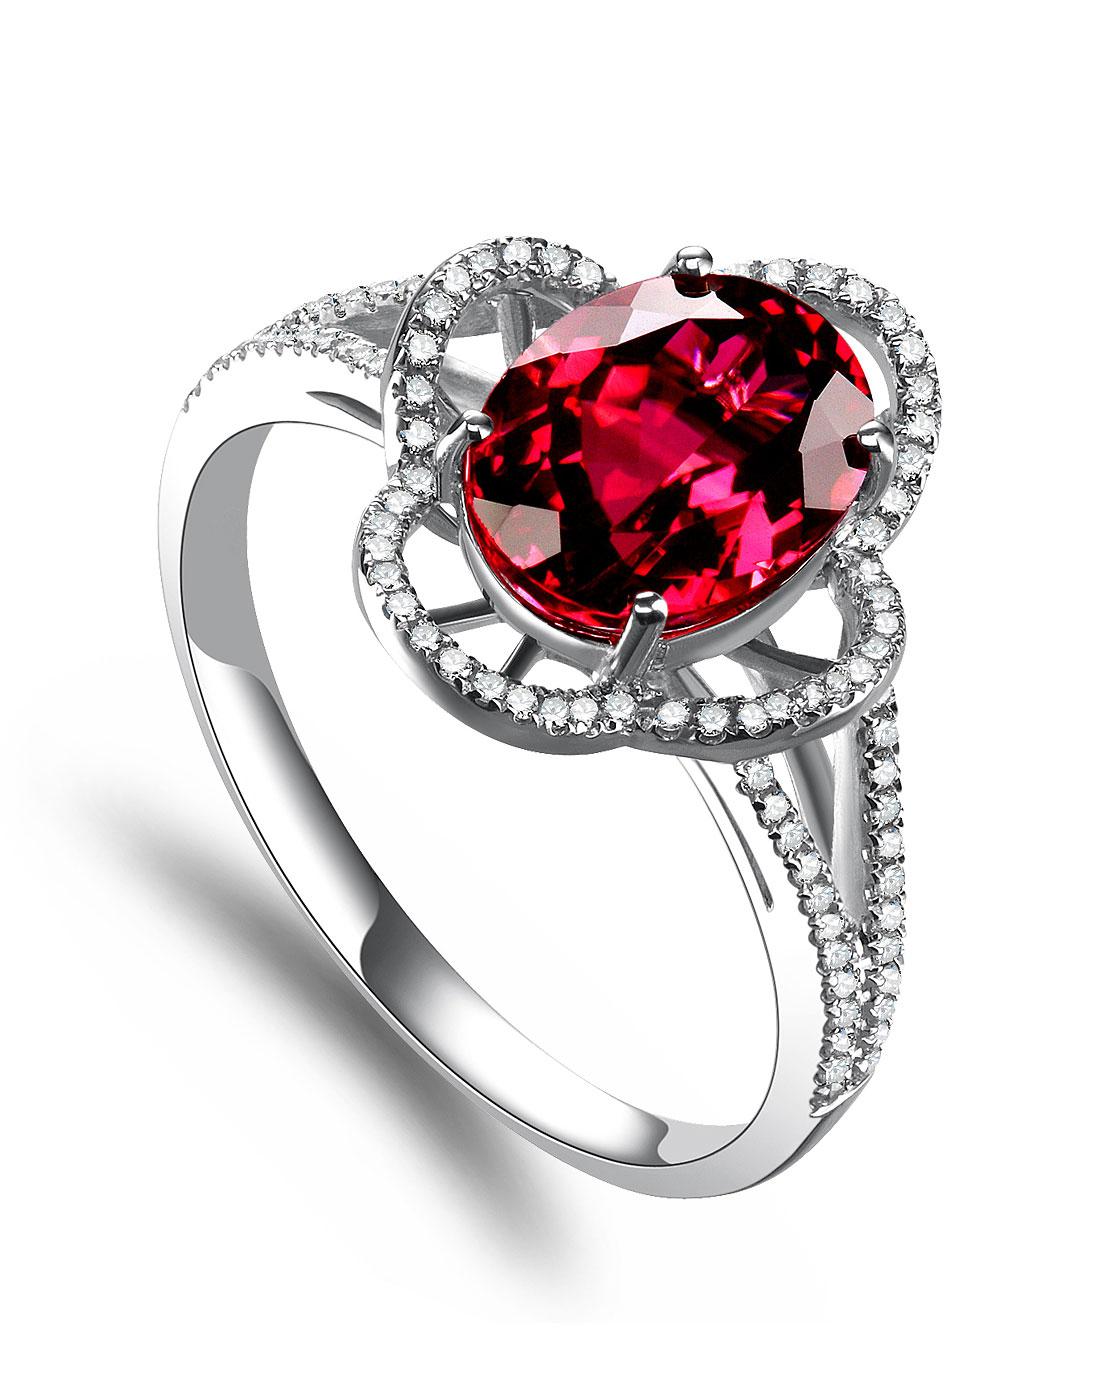 钻石戒指图片大全展示_设计图分享